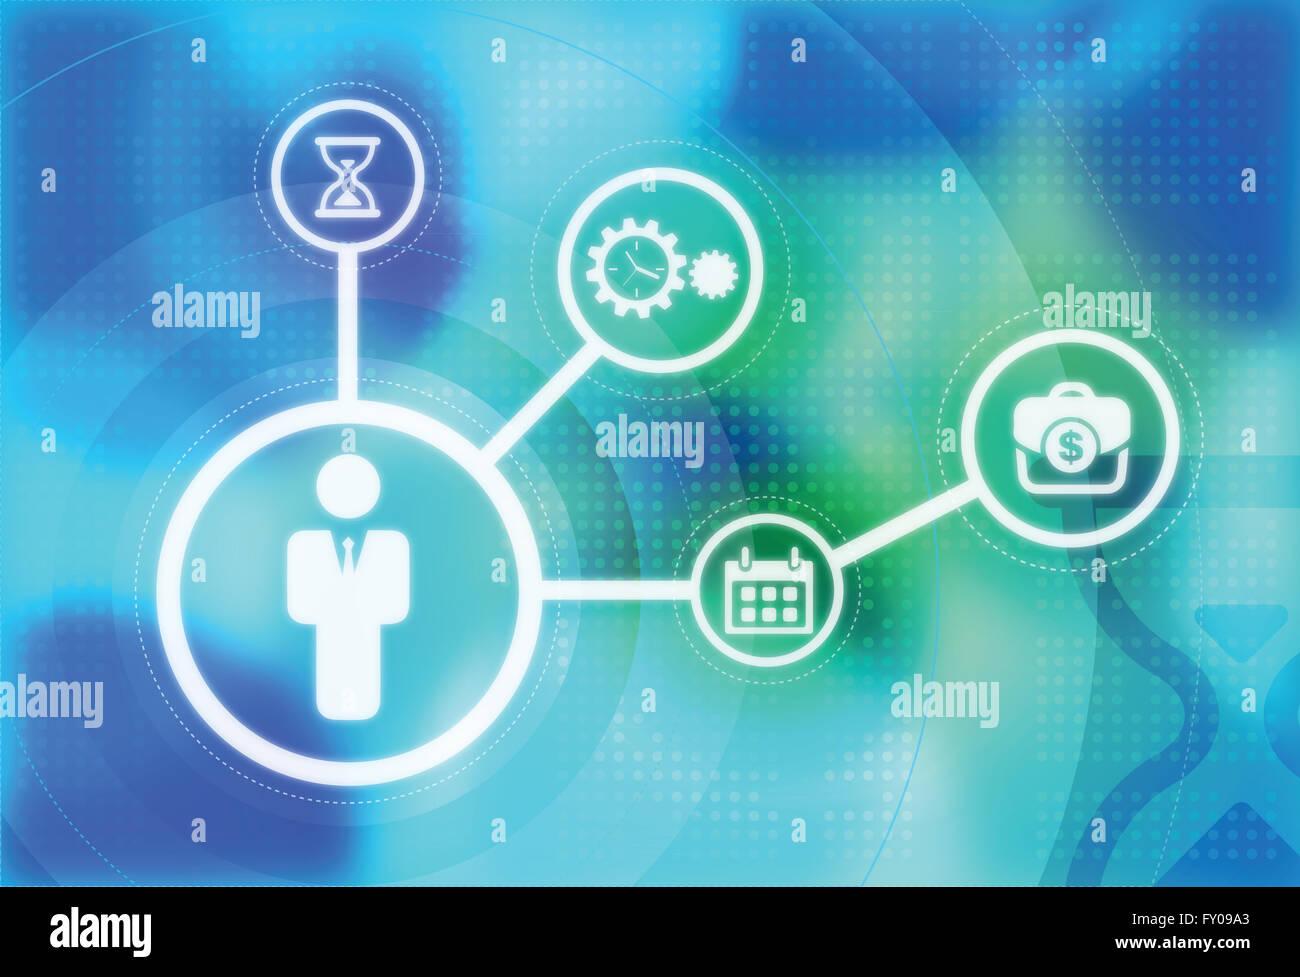 Image d'illustration montrant l'importance de la gestion du temps en entreprise Banque D'Images